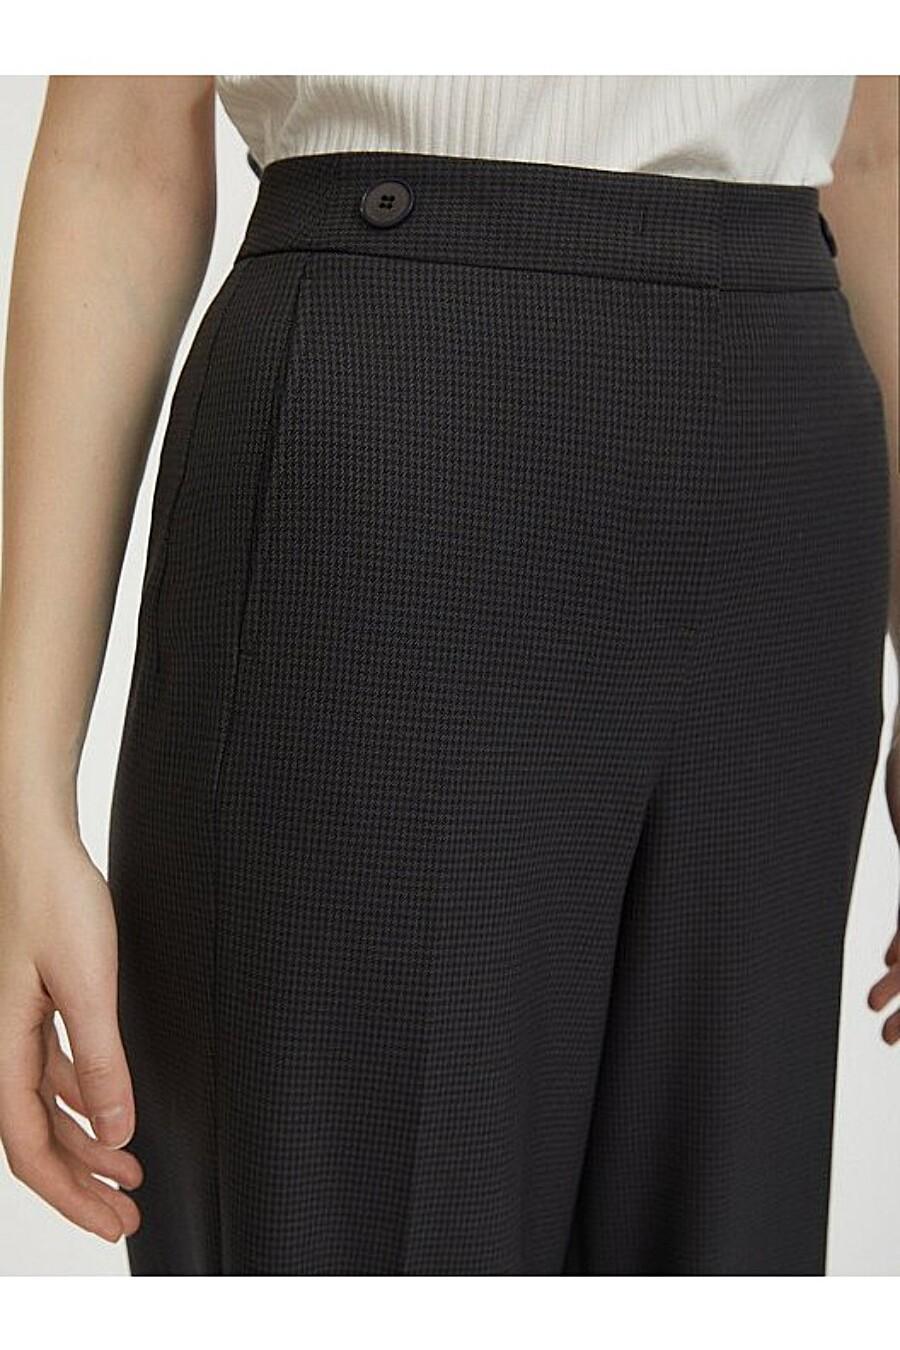 Брюки для женщин CALISTA 655291 купить оптом от производителя. Совместная покупка женской одежды в OptMoyo